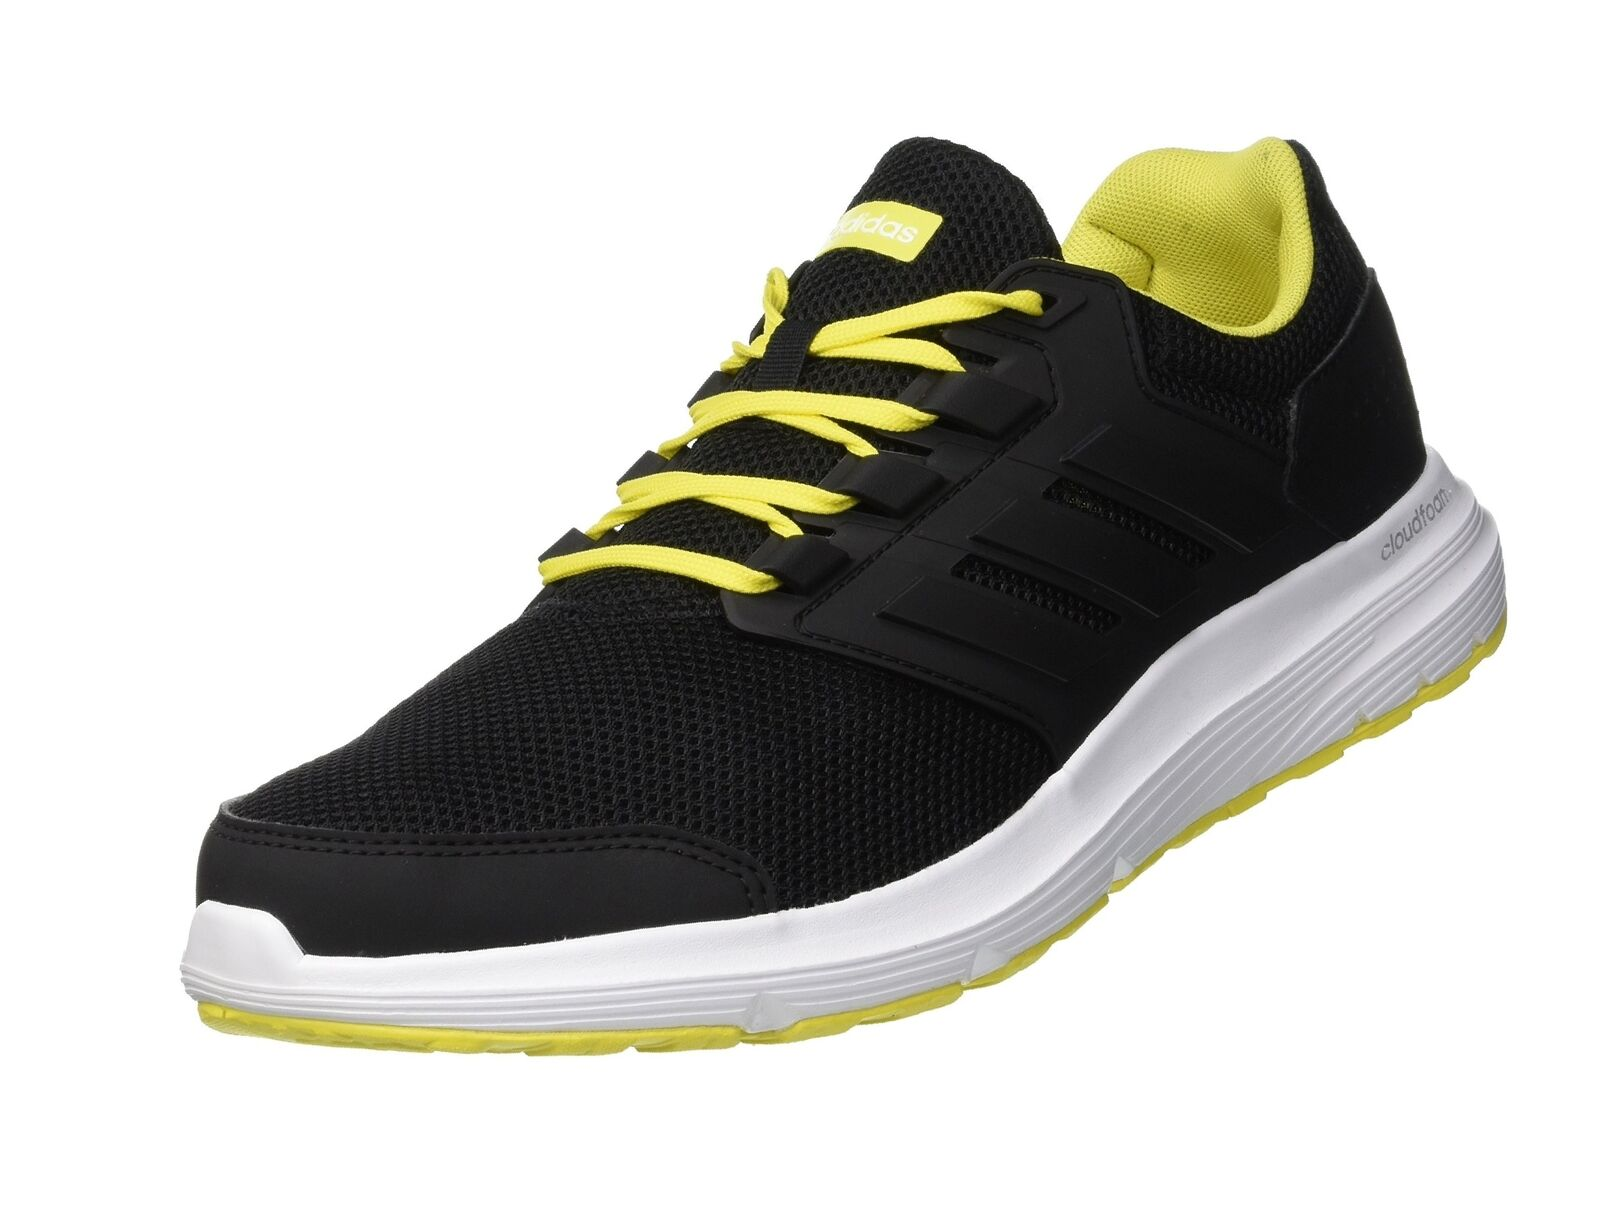 Adidas uomini galaxy 4 m sentiero delle scarpe da corsa nero (negb á s   ftwbla 000) 9 uk | I Materiali Superiori  | Scolaro/Signora Scarpa